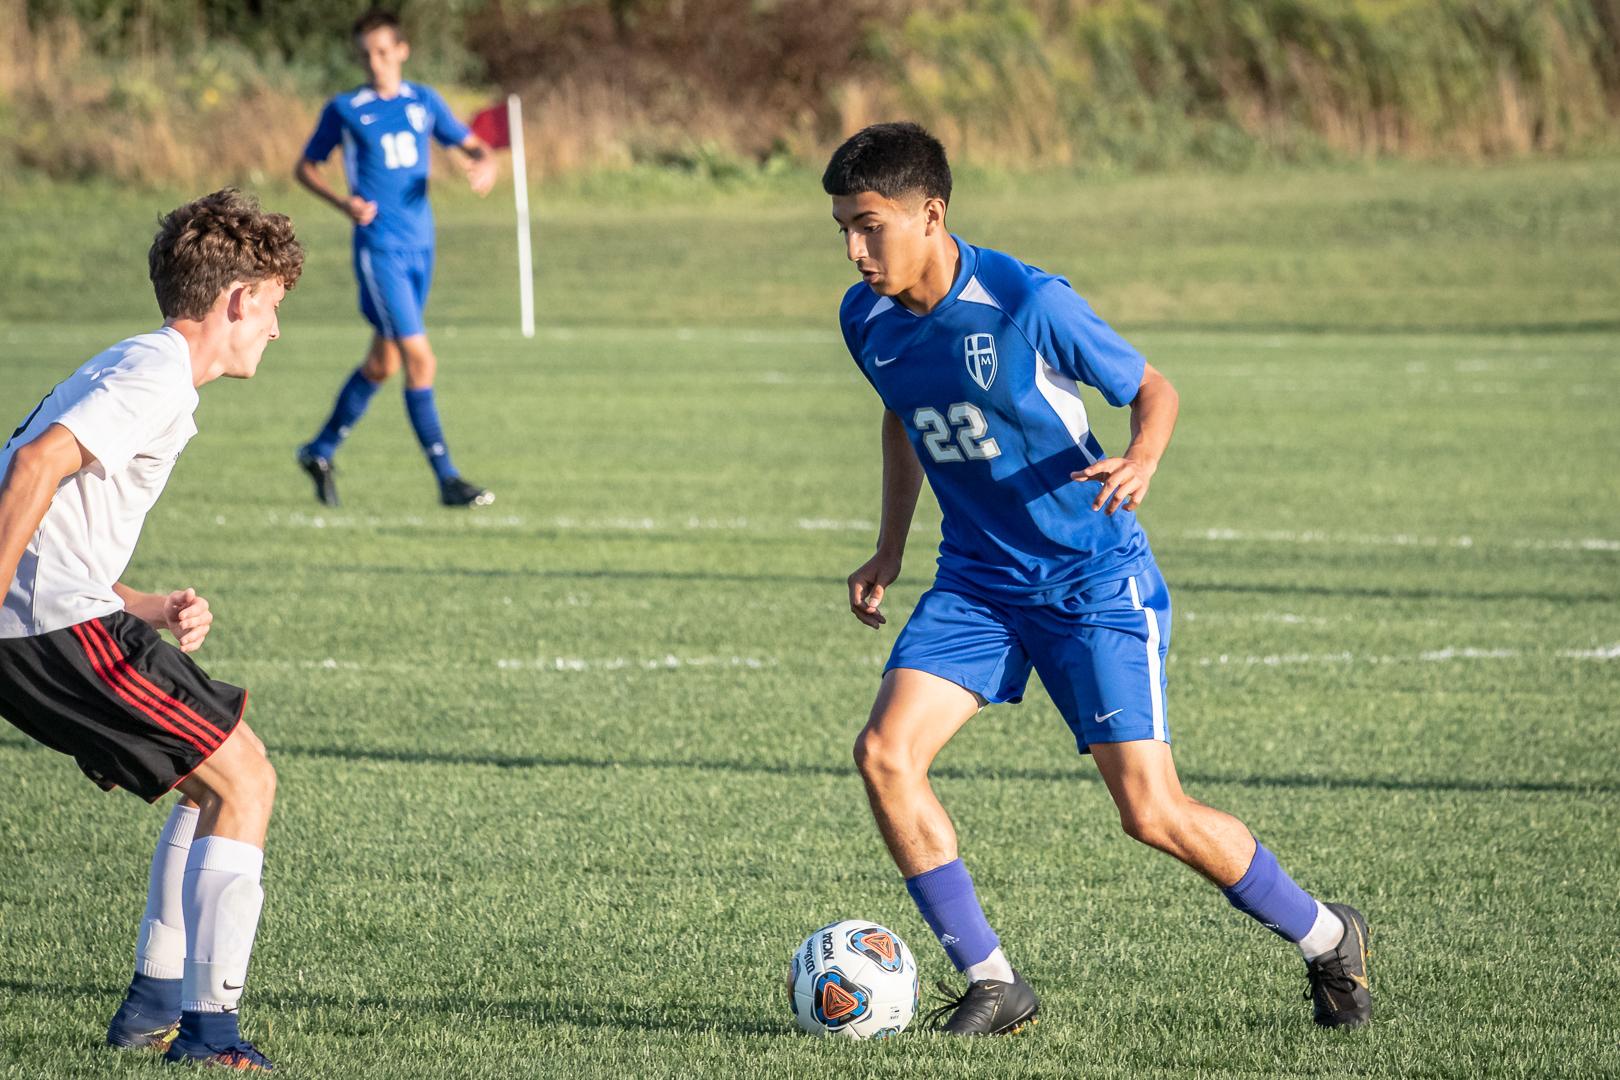 Marian-Varsity-Boys-Soccer-9275.jpg